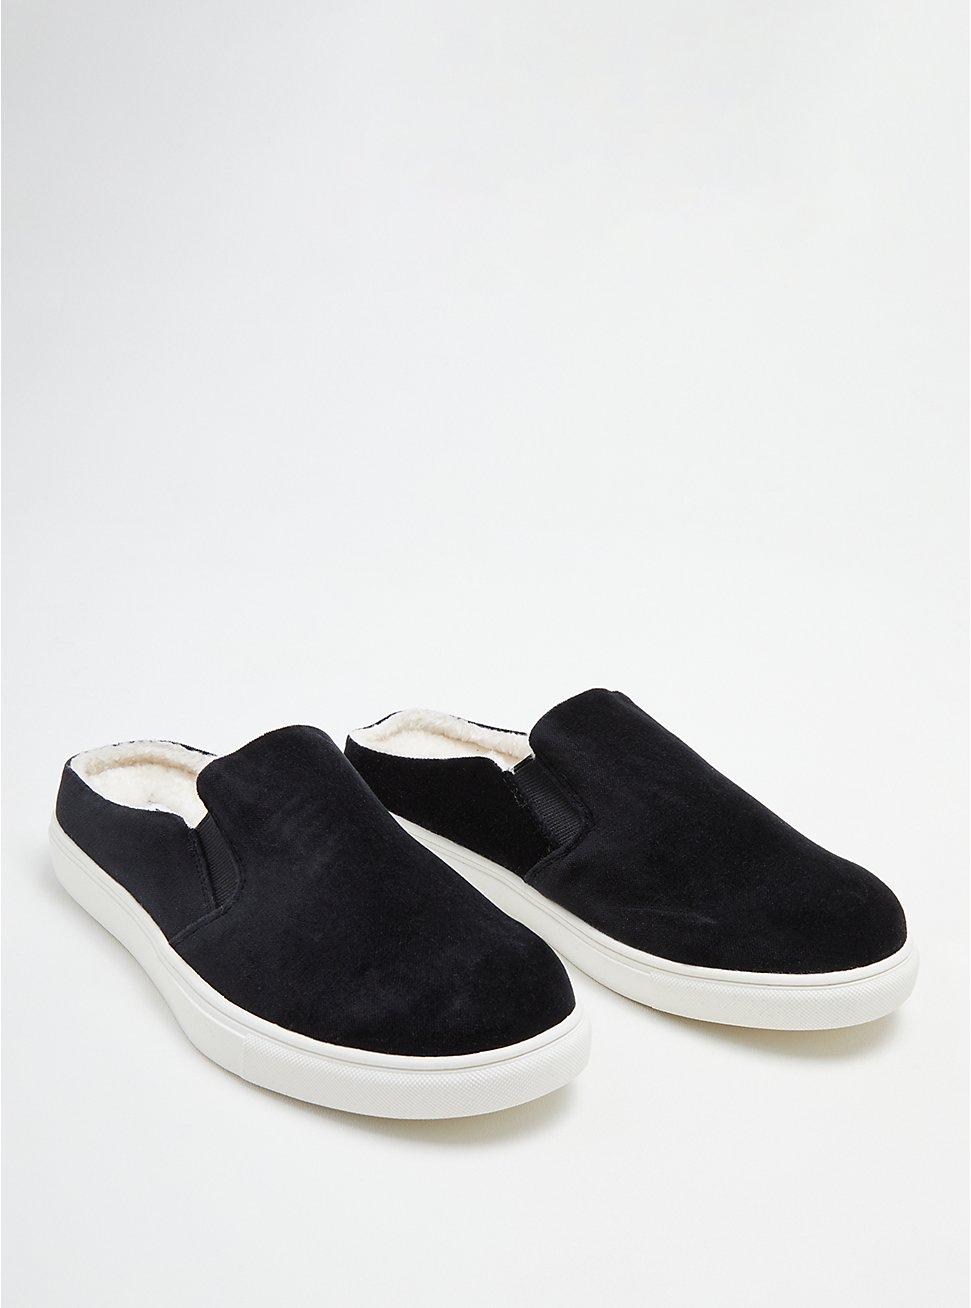 Plus Size Slip-On Sneaker - Velvet & Fur Lined Black (WW), BLACK, hi-res